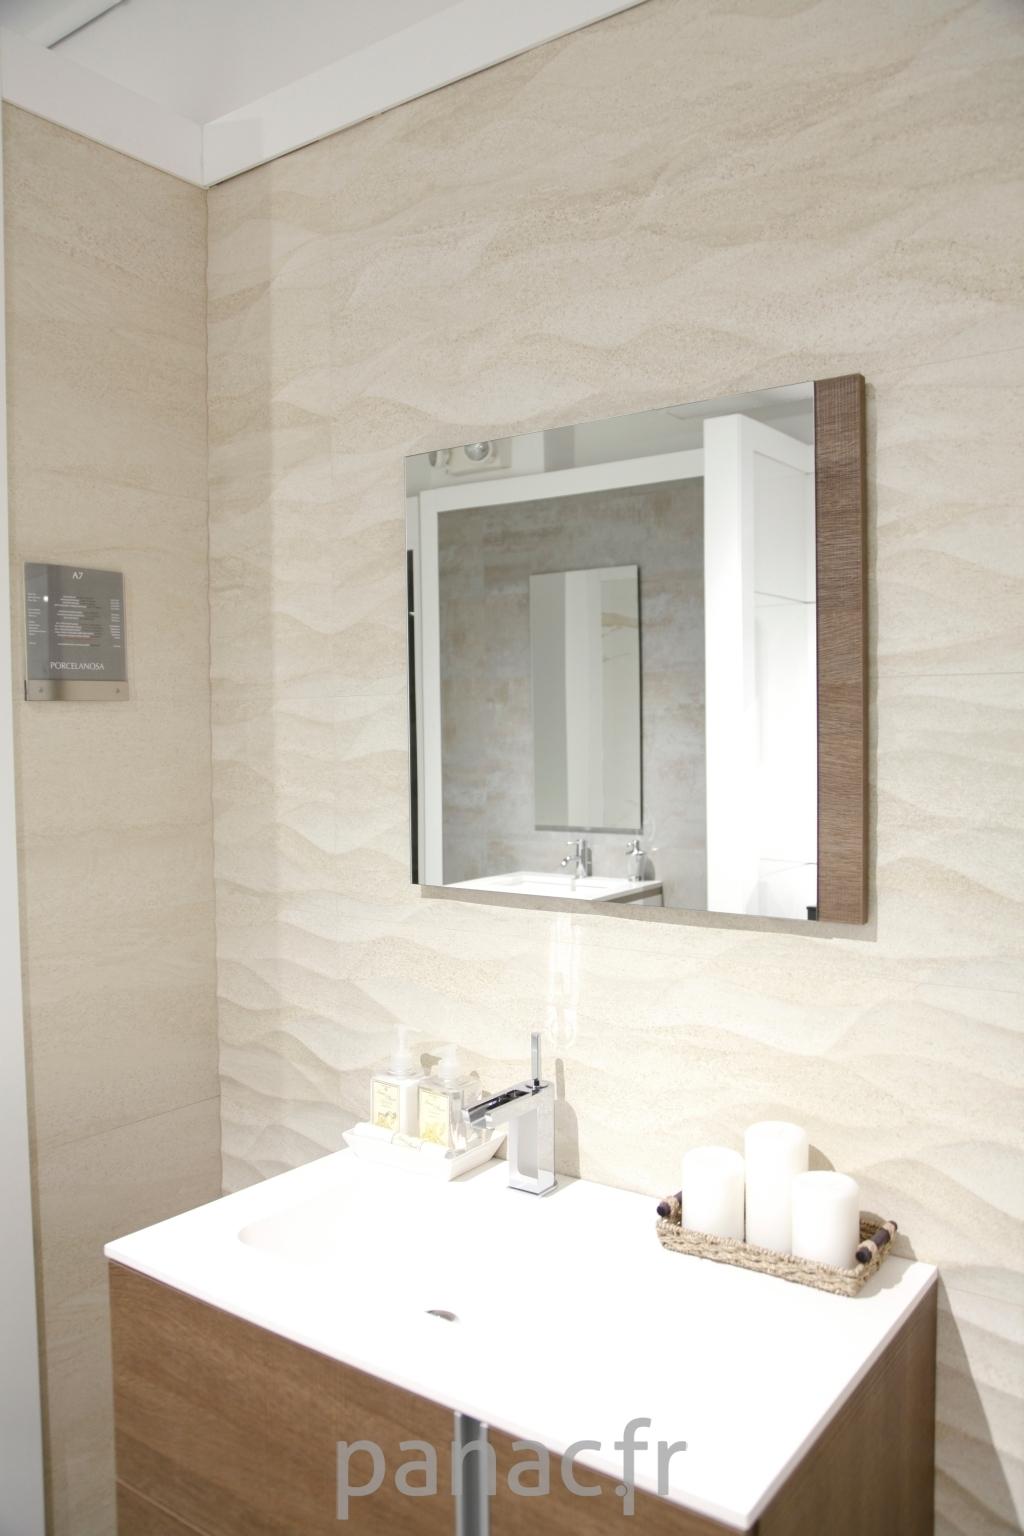 Rail de placard coulissant les derni res for Meuble salle de bain porcelanosa